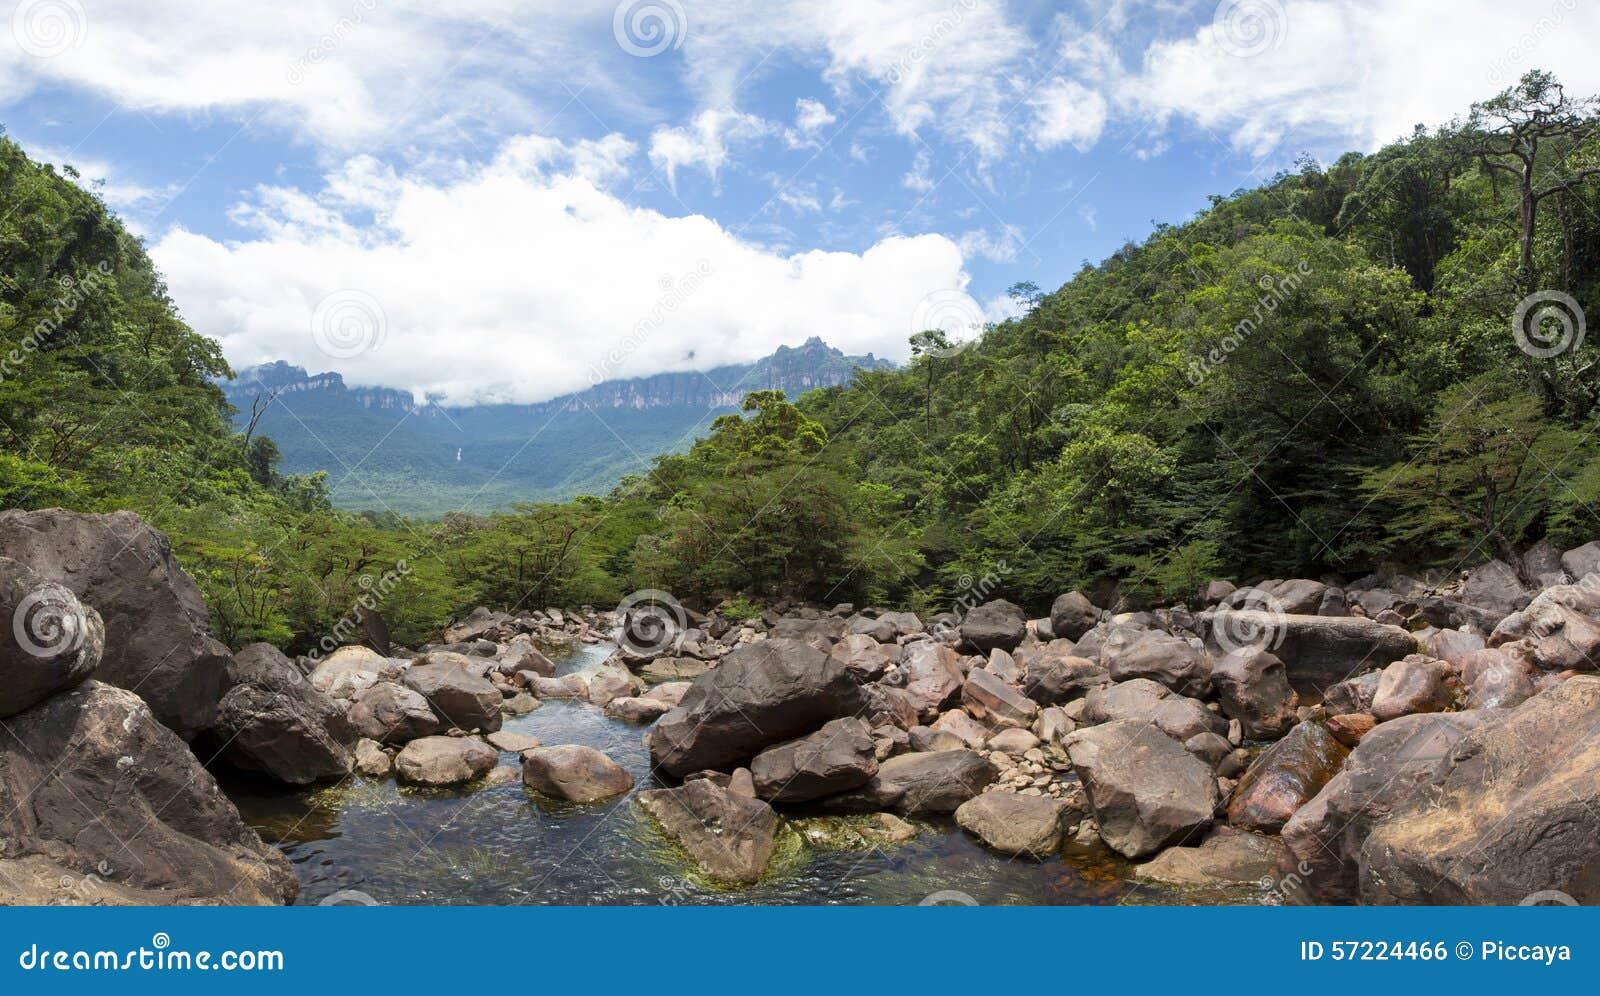 Panorama Von Wildem Fluss Von Steinen Und Von Wald In Venezuela